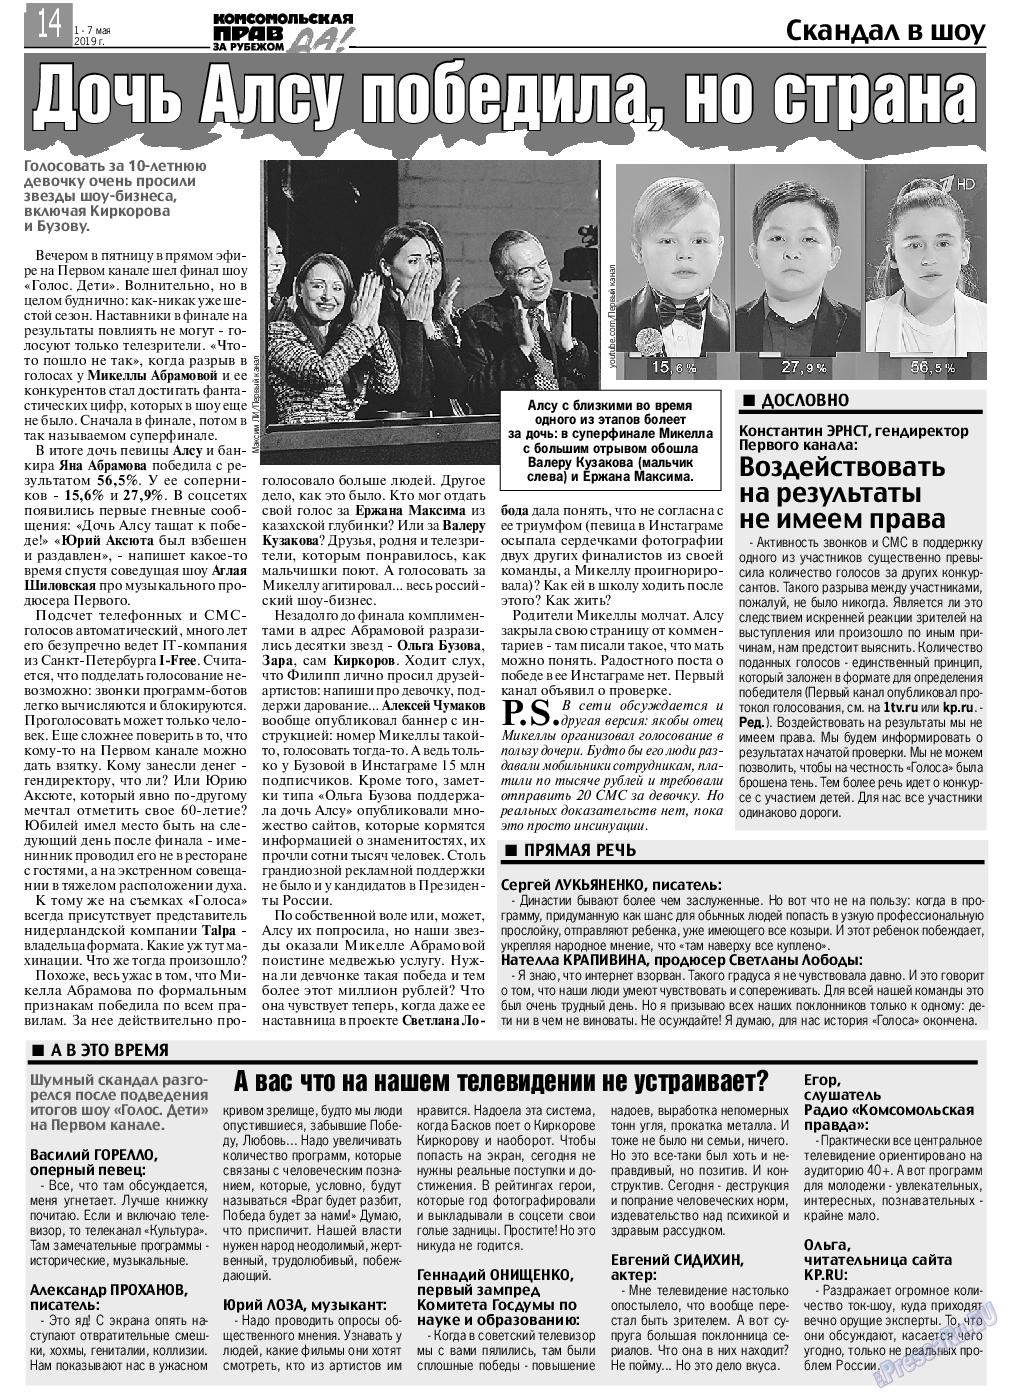 КП в Европе (газета). 2019 год, номер 18, стр. 14